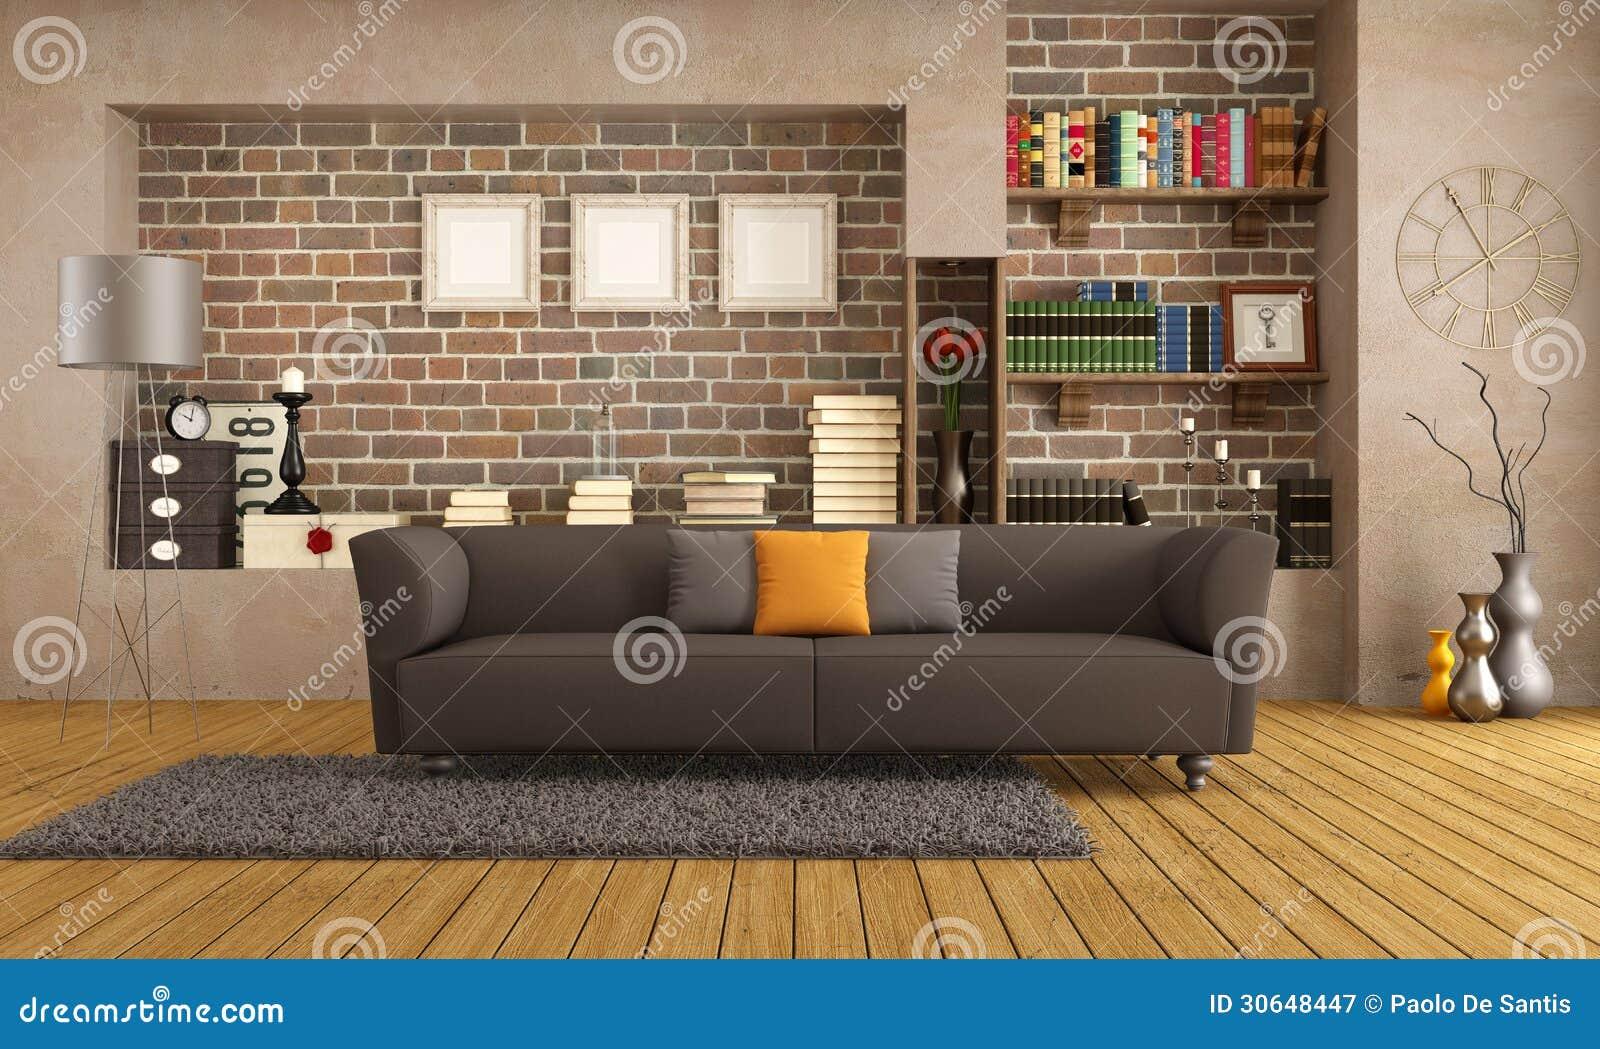 Sof moderno en una sala de estar del vintage fotograf a for Sala de estar retro vintage